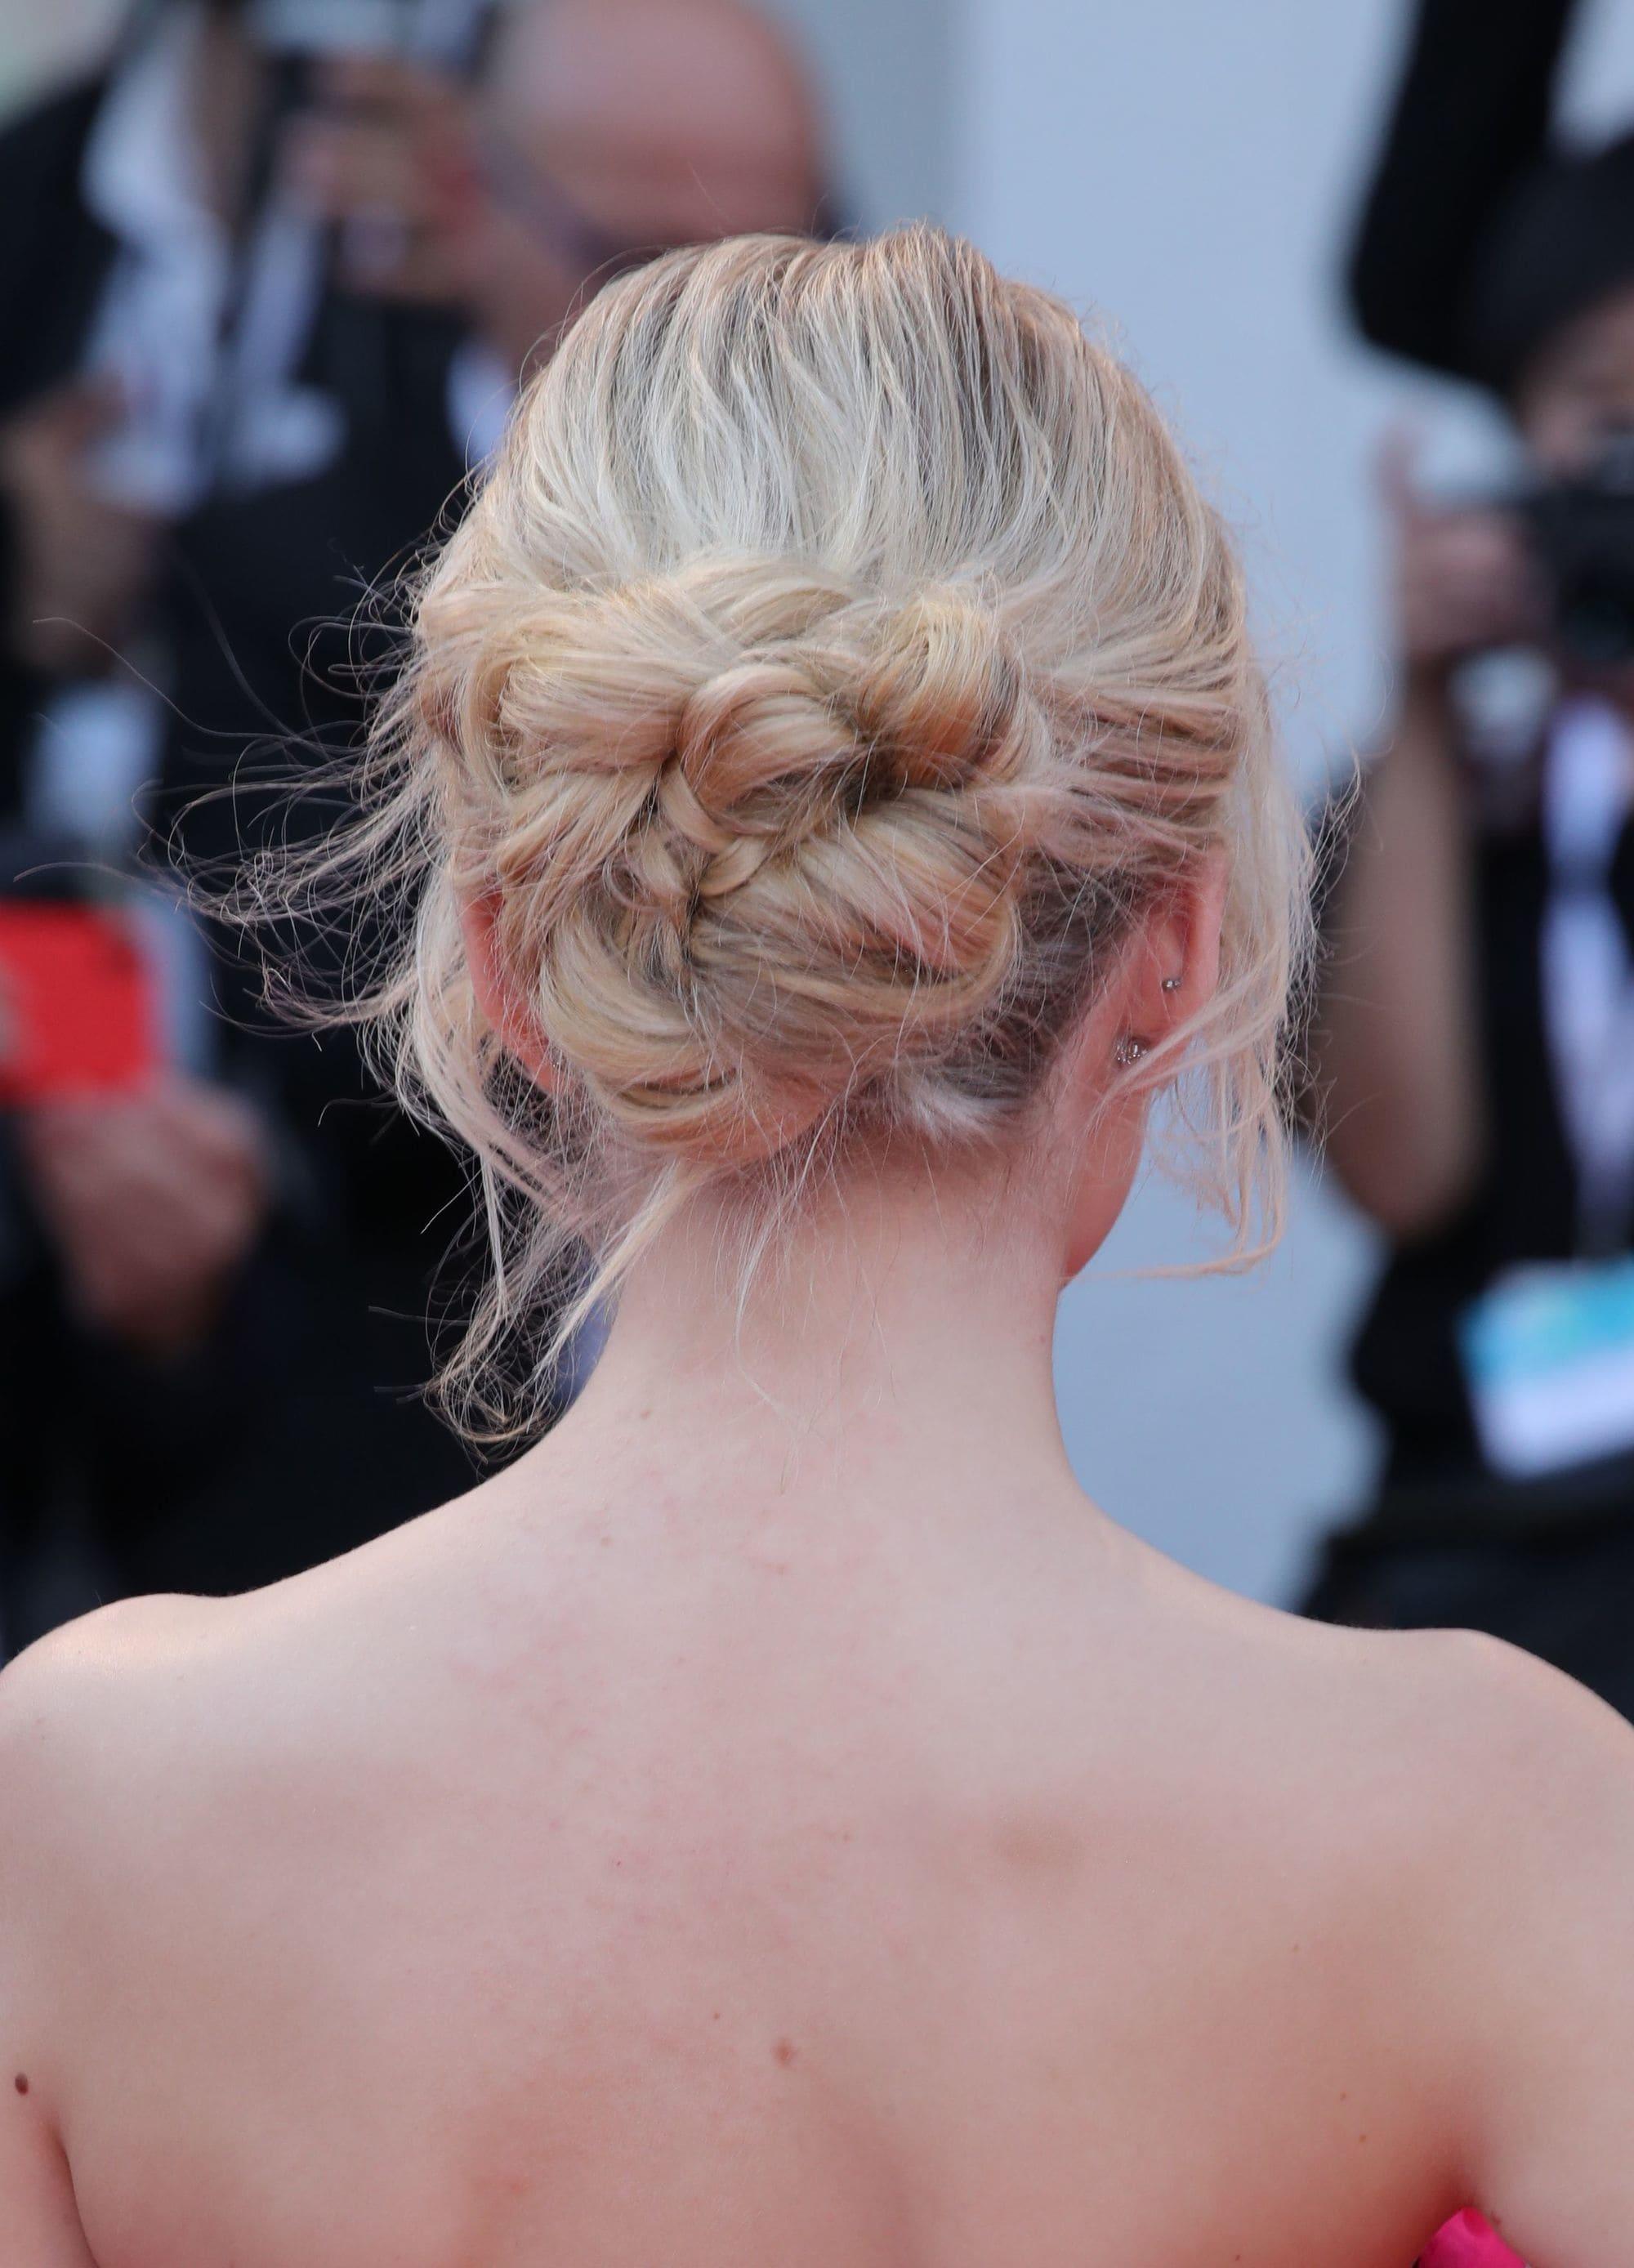 Vista de atrás de mujer rubia peinada con rodete